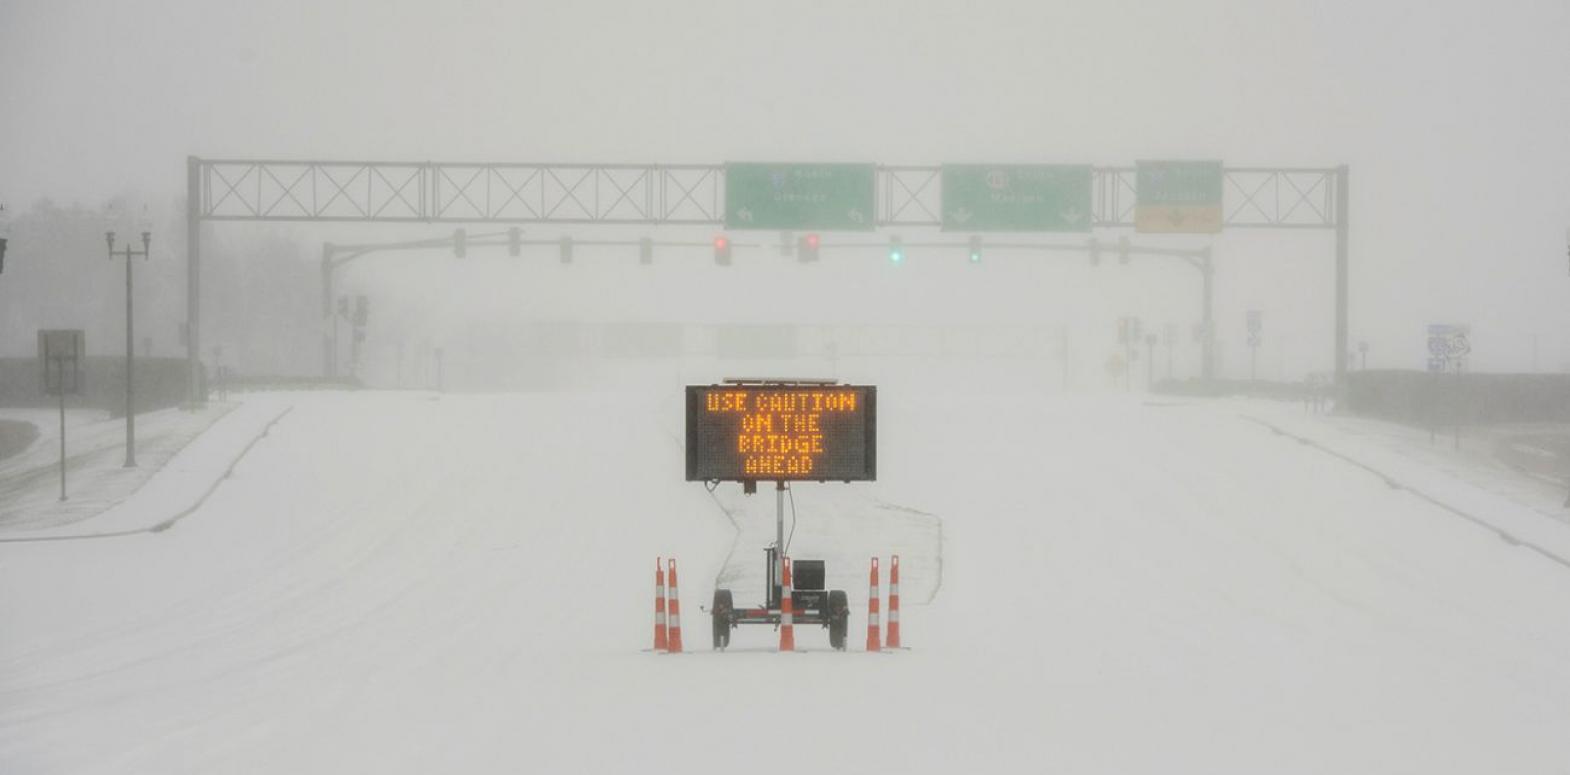 Крупнейший поставщик электроэнергии Техаса обанкротился из-за ледяного шторма